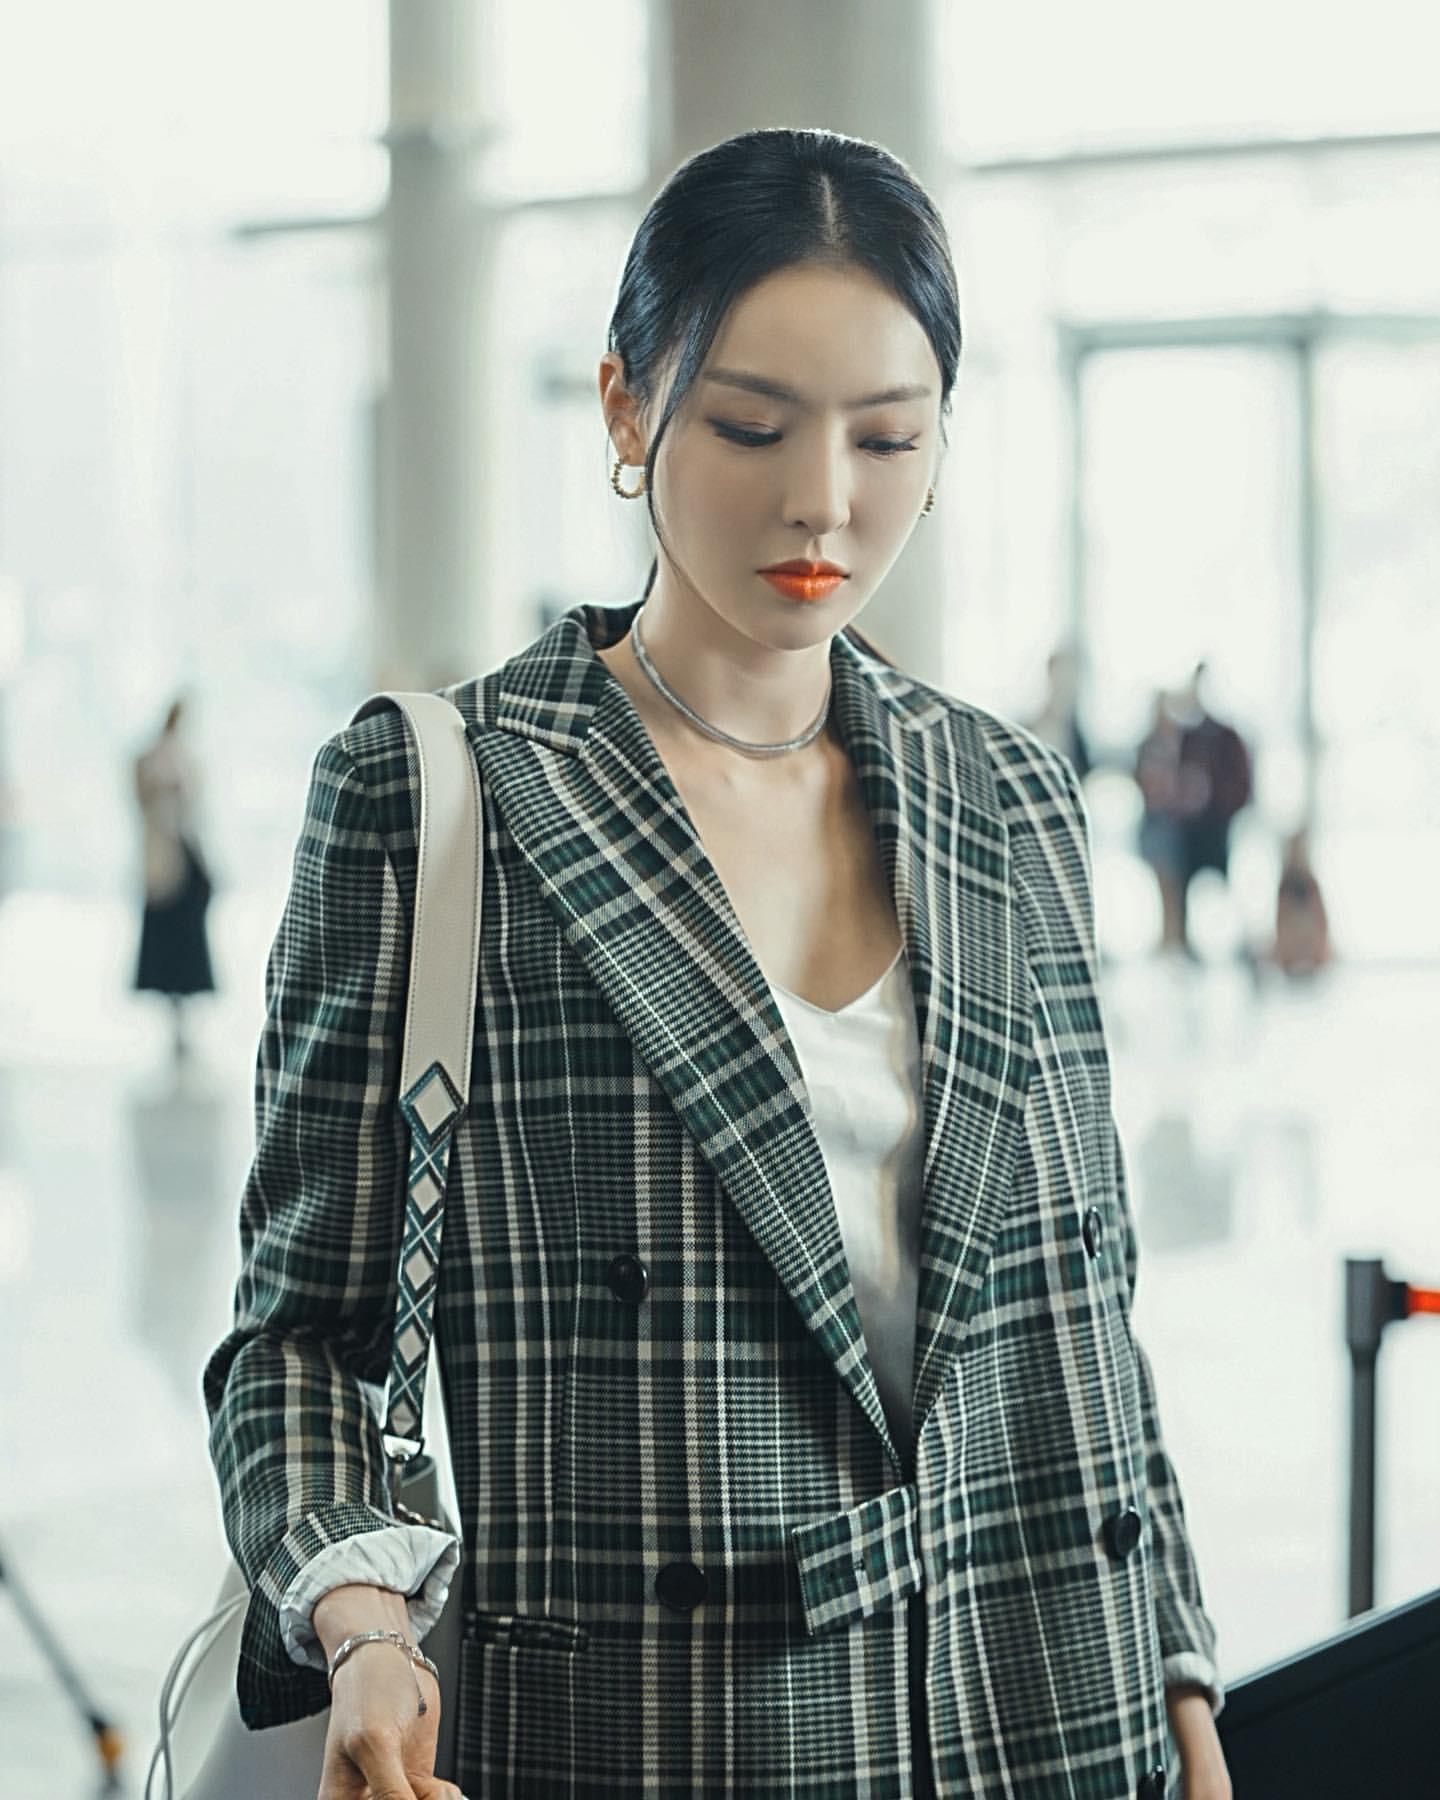 Phim Hàn gần đây có thể ảm đạm, nhưng thời trang trong đó vẫn là nguồn cảm hứng dạt dào cho chị em công sở - Ảnh 14.